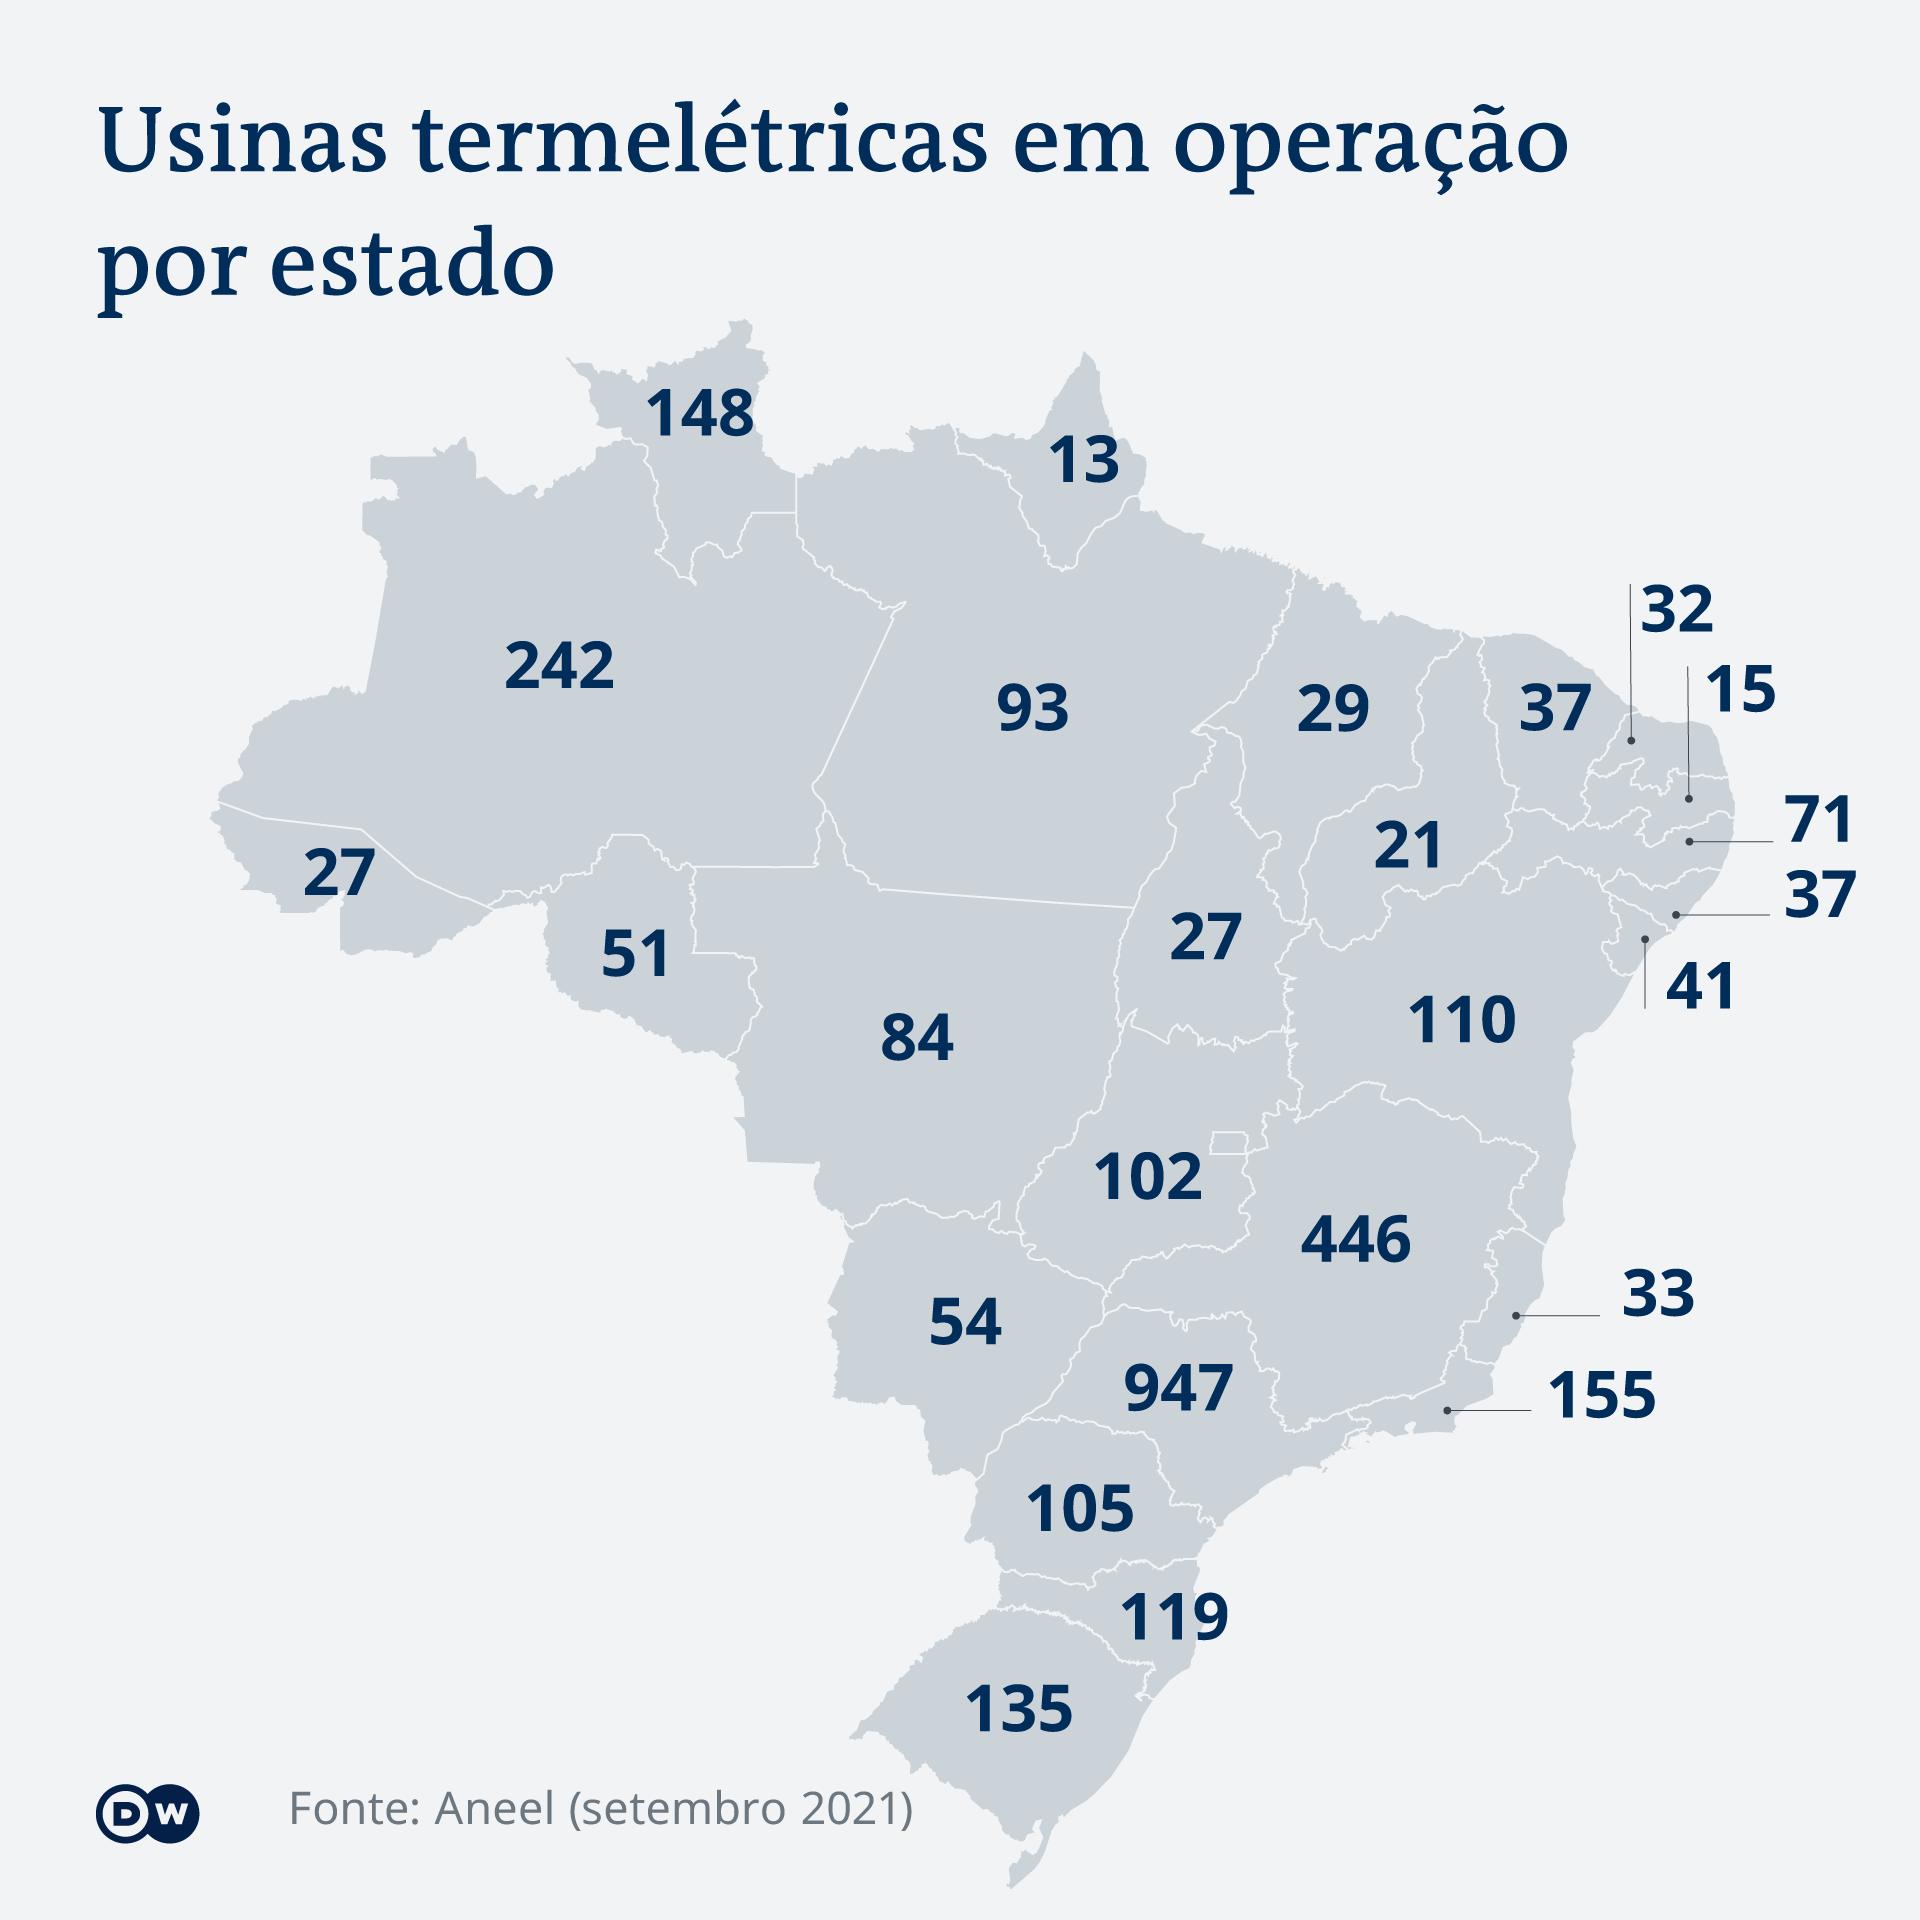 Infográfico mostra as usinas termelétricas em operação por estado